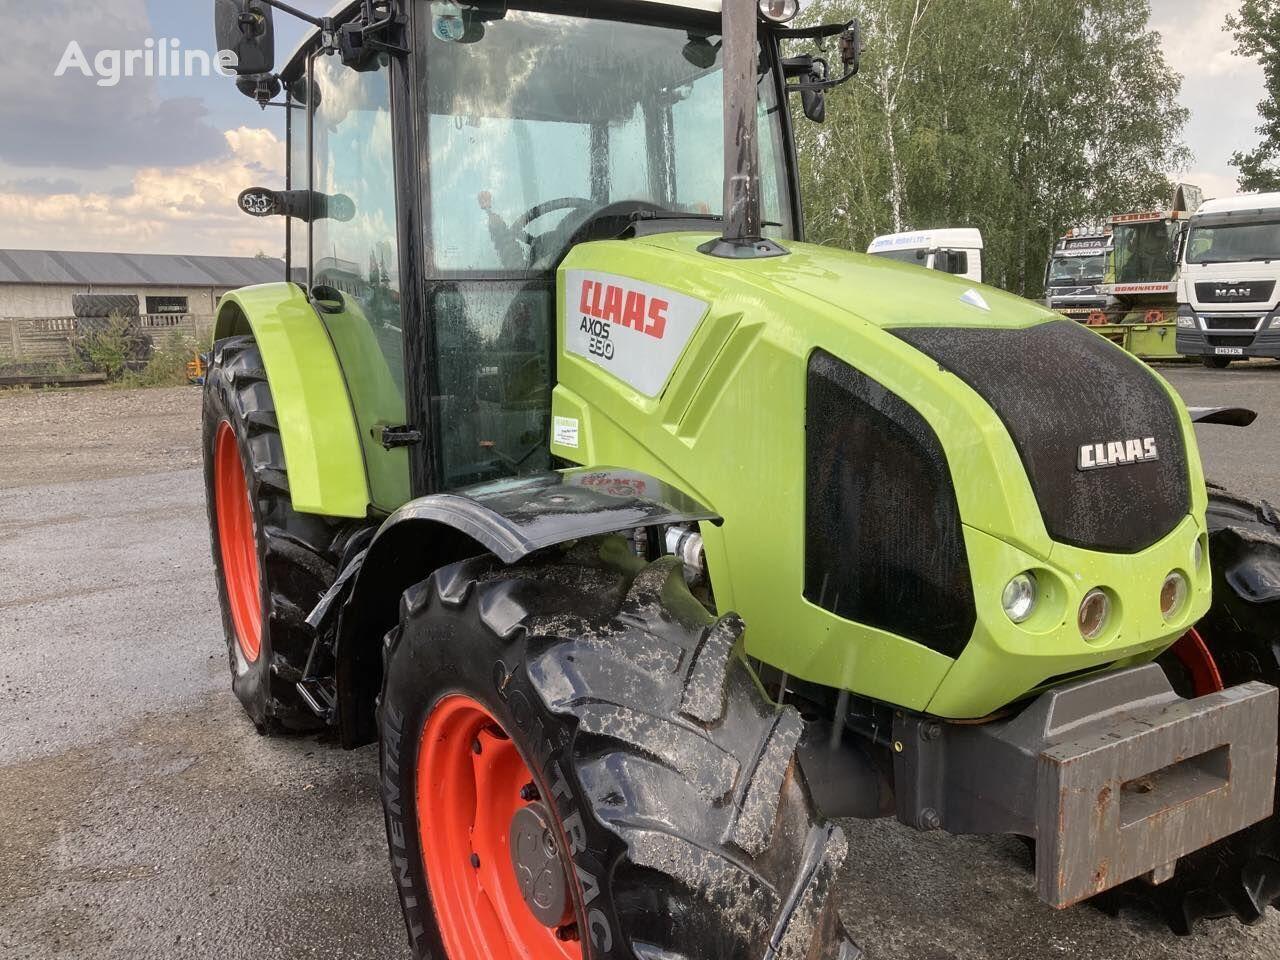 CLAAS Axos 330 wheel tractor